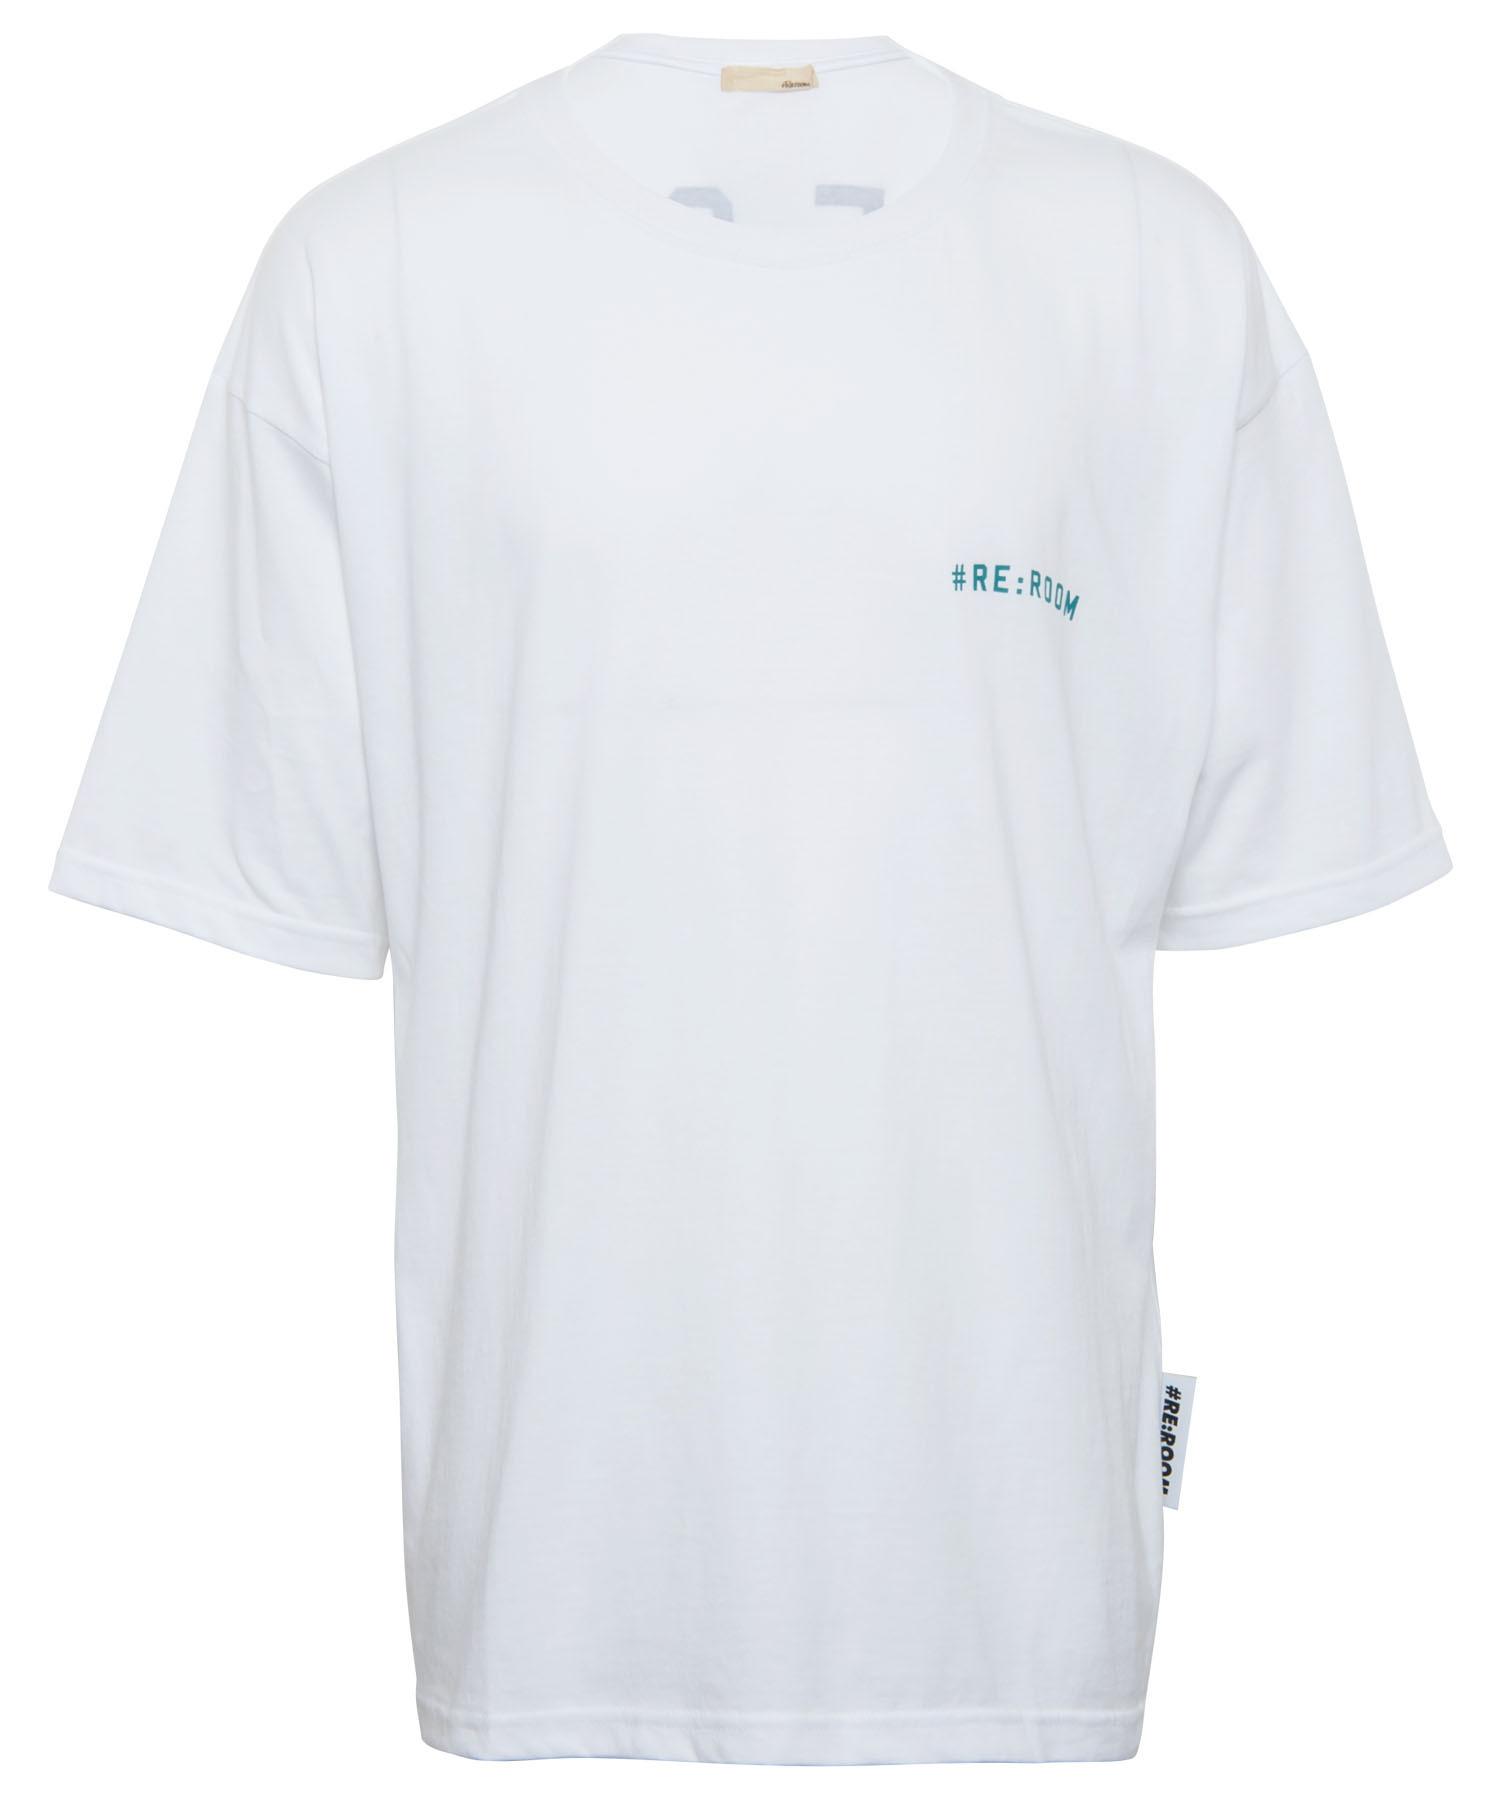 #RE:ROOM CALIFORNIA BIG PRINT T-shirt[REC400]